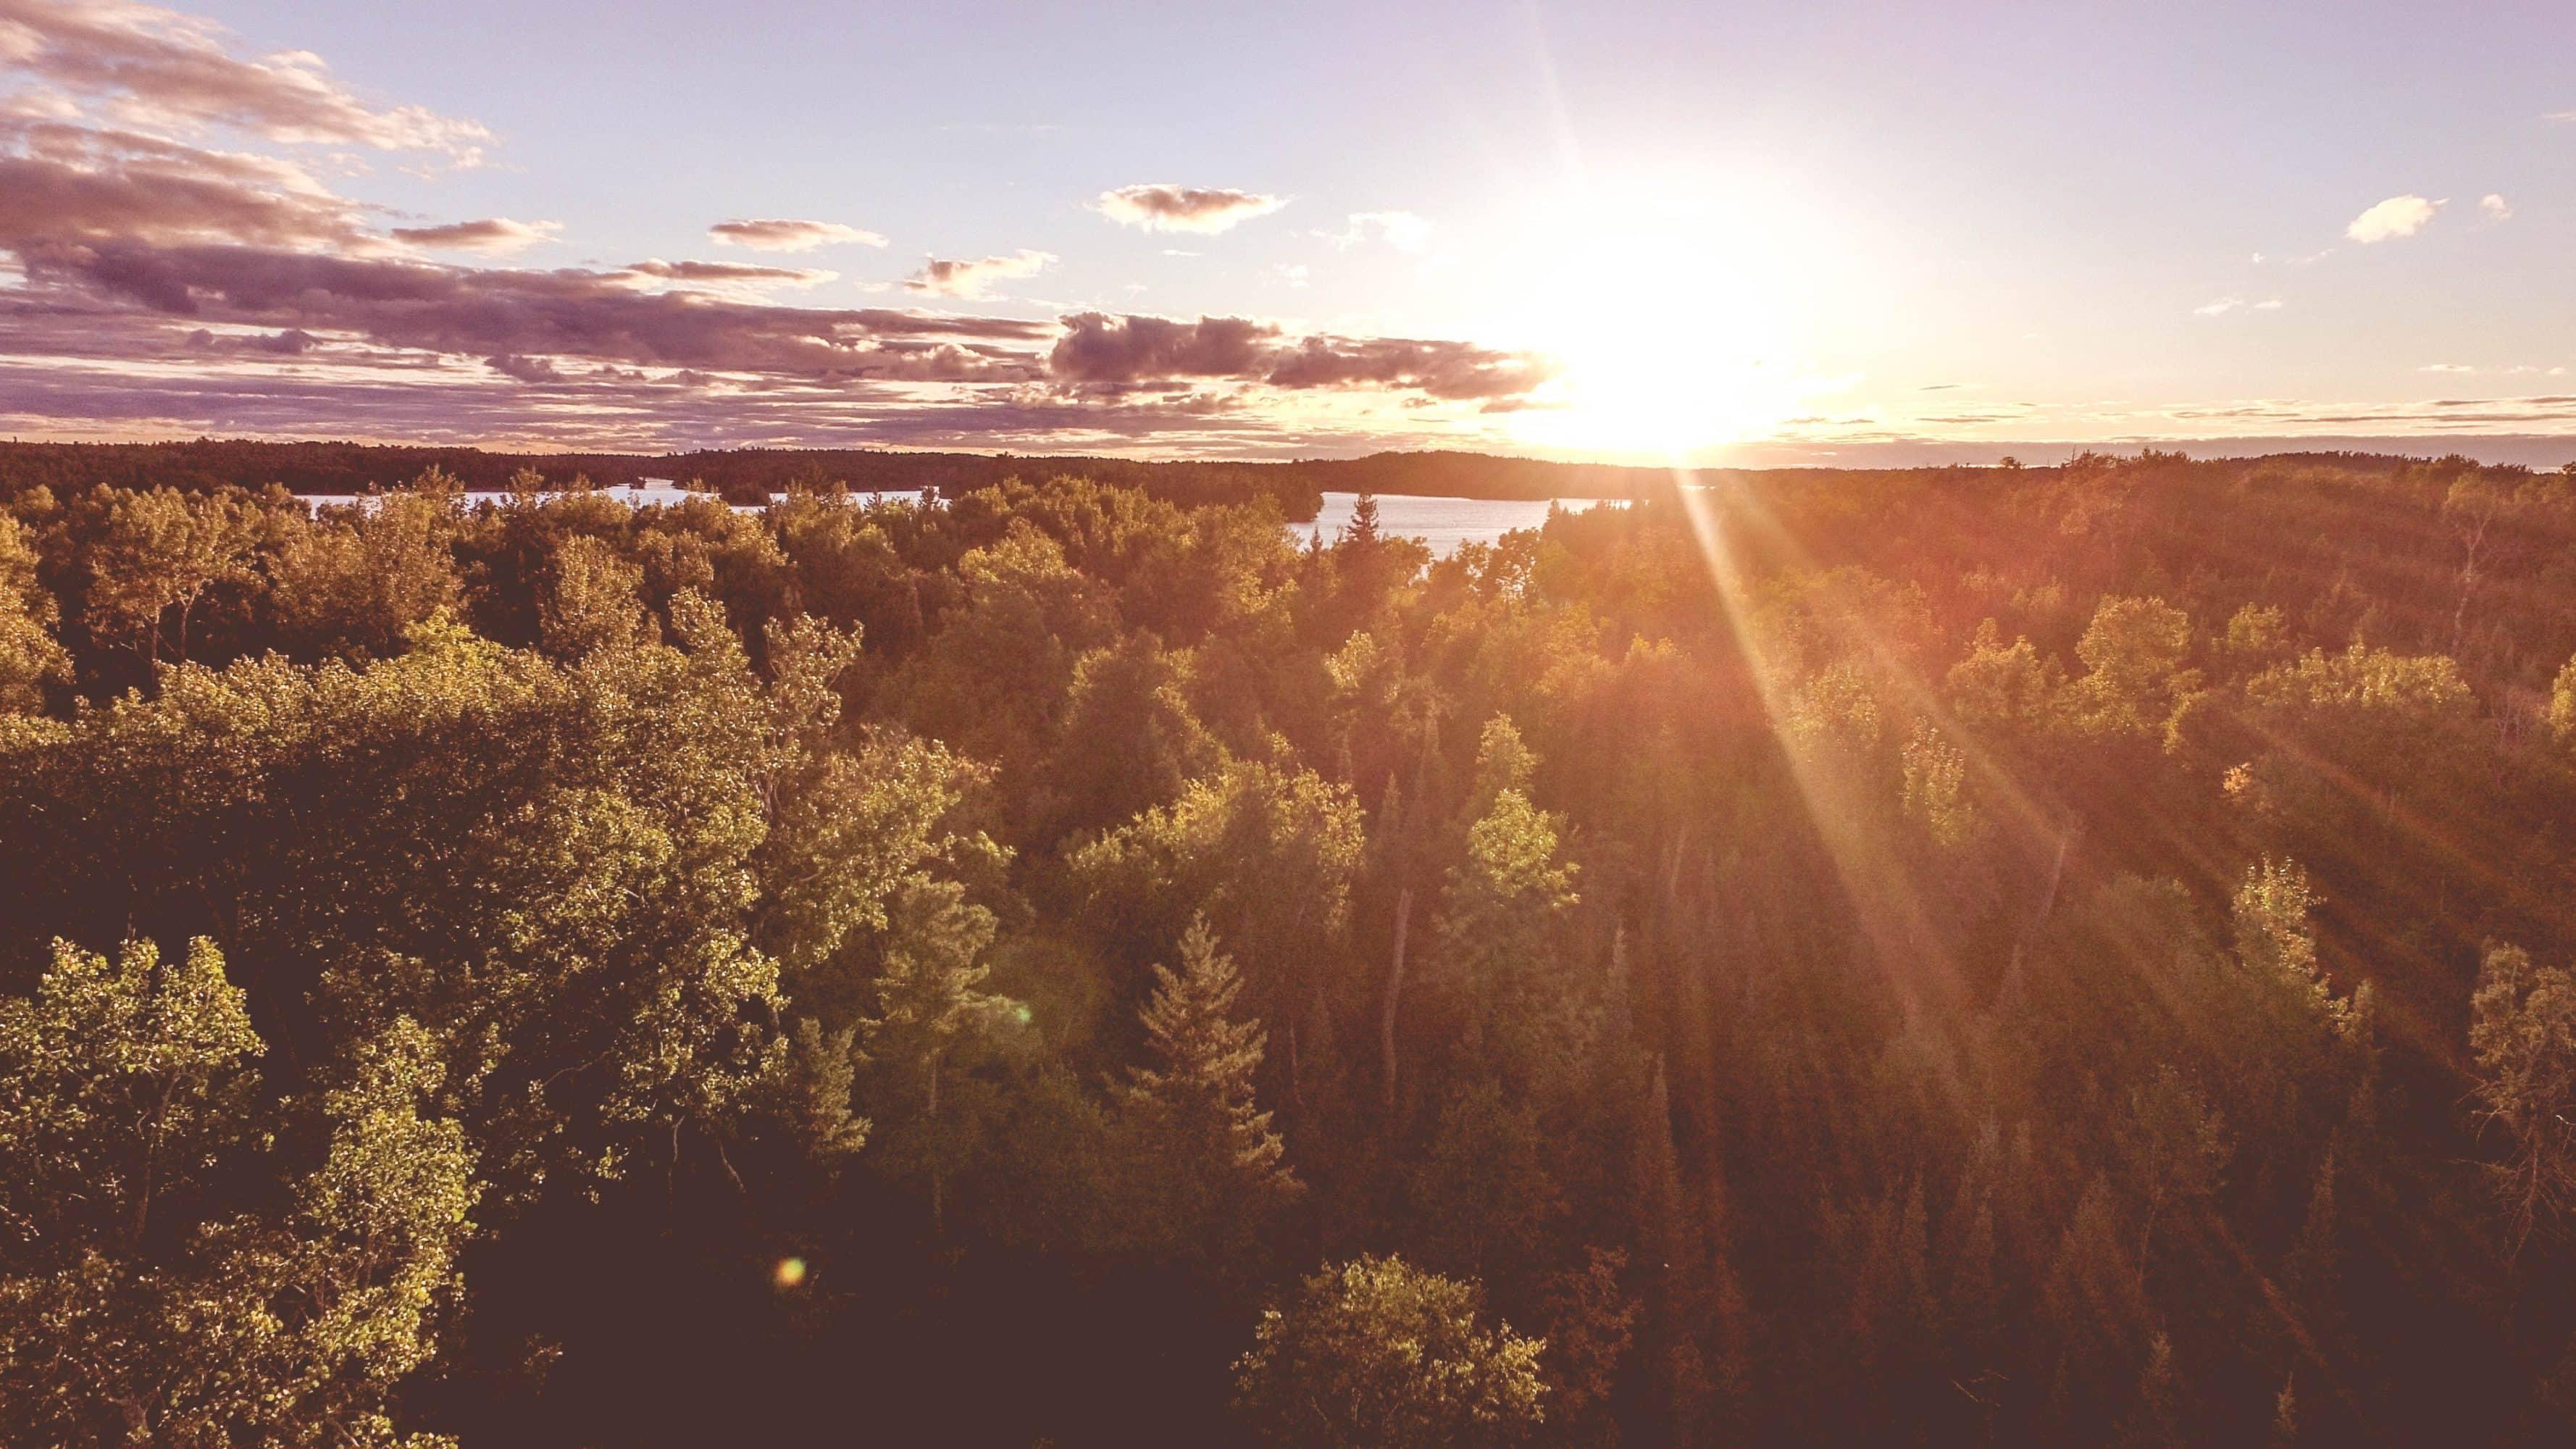 Solnedgång i horisonten bakom en skog